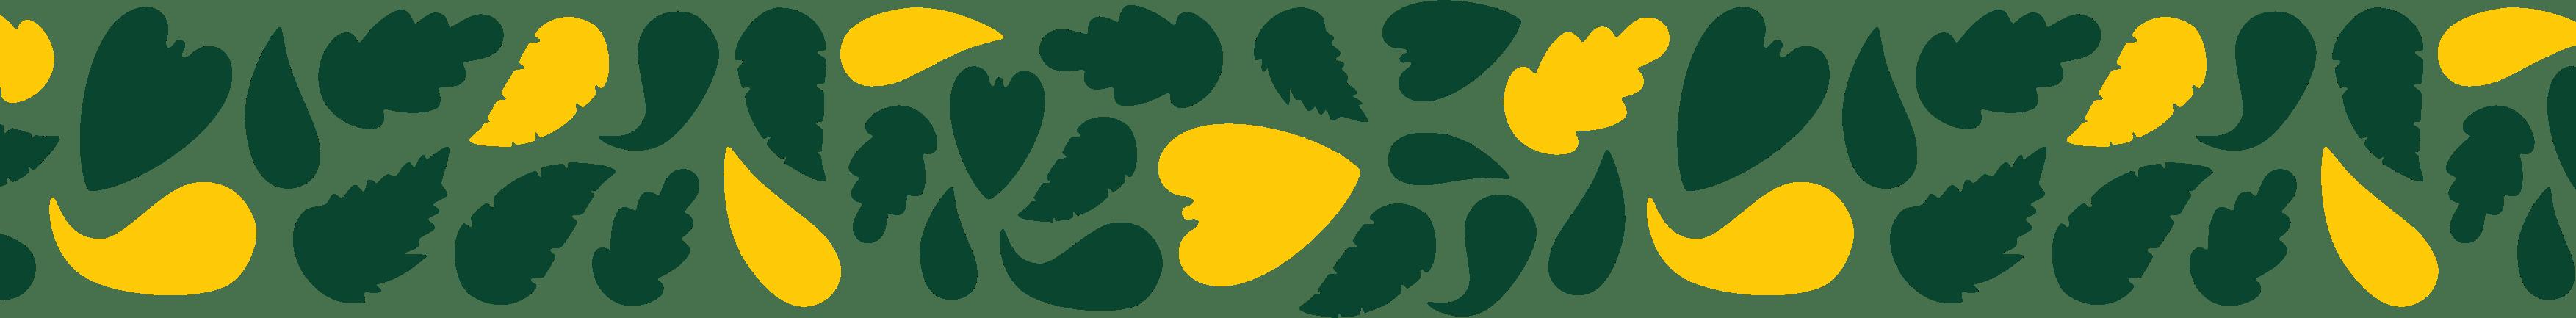 okrasný pruh, Zahrada Petr Šmach, Bzenec